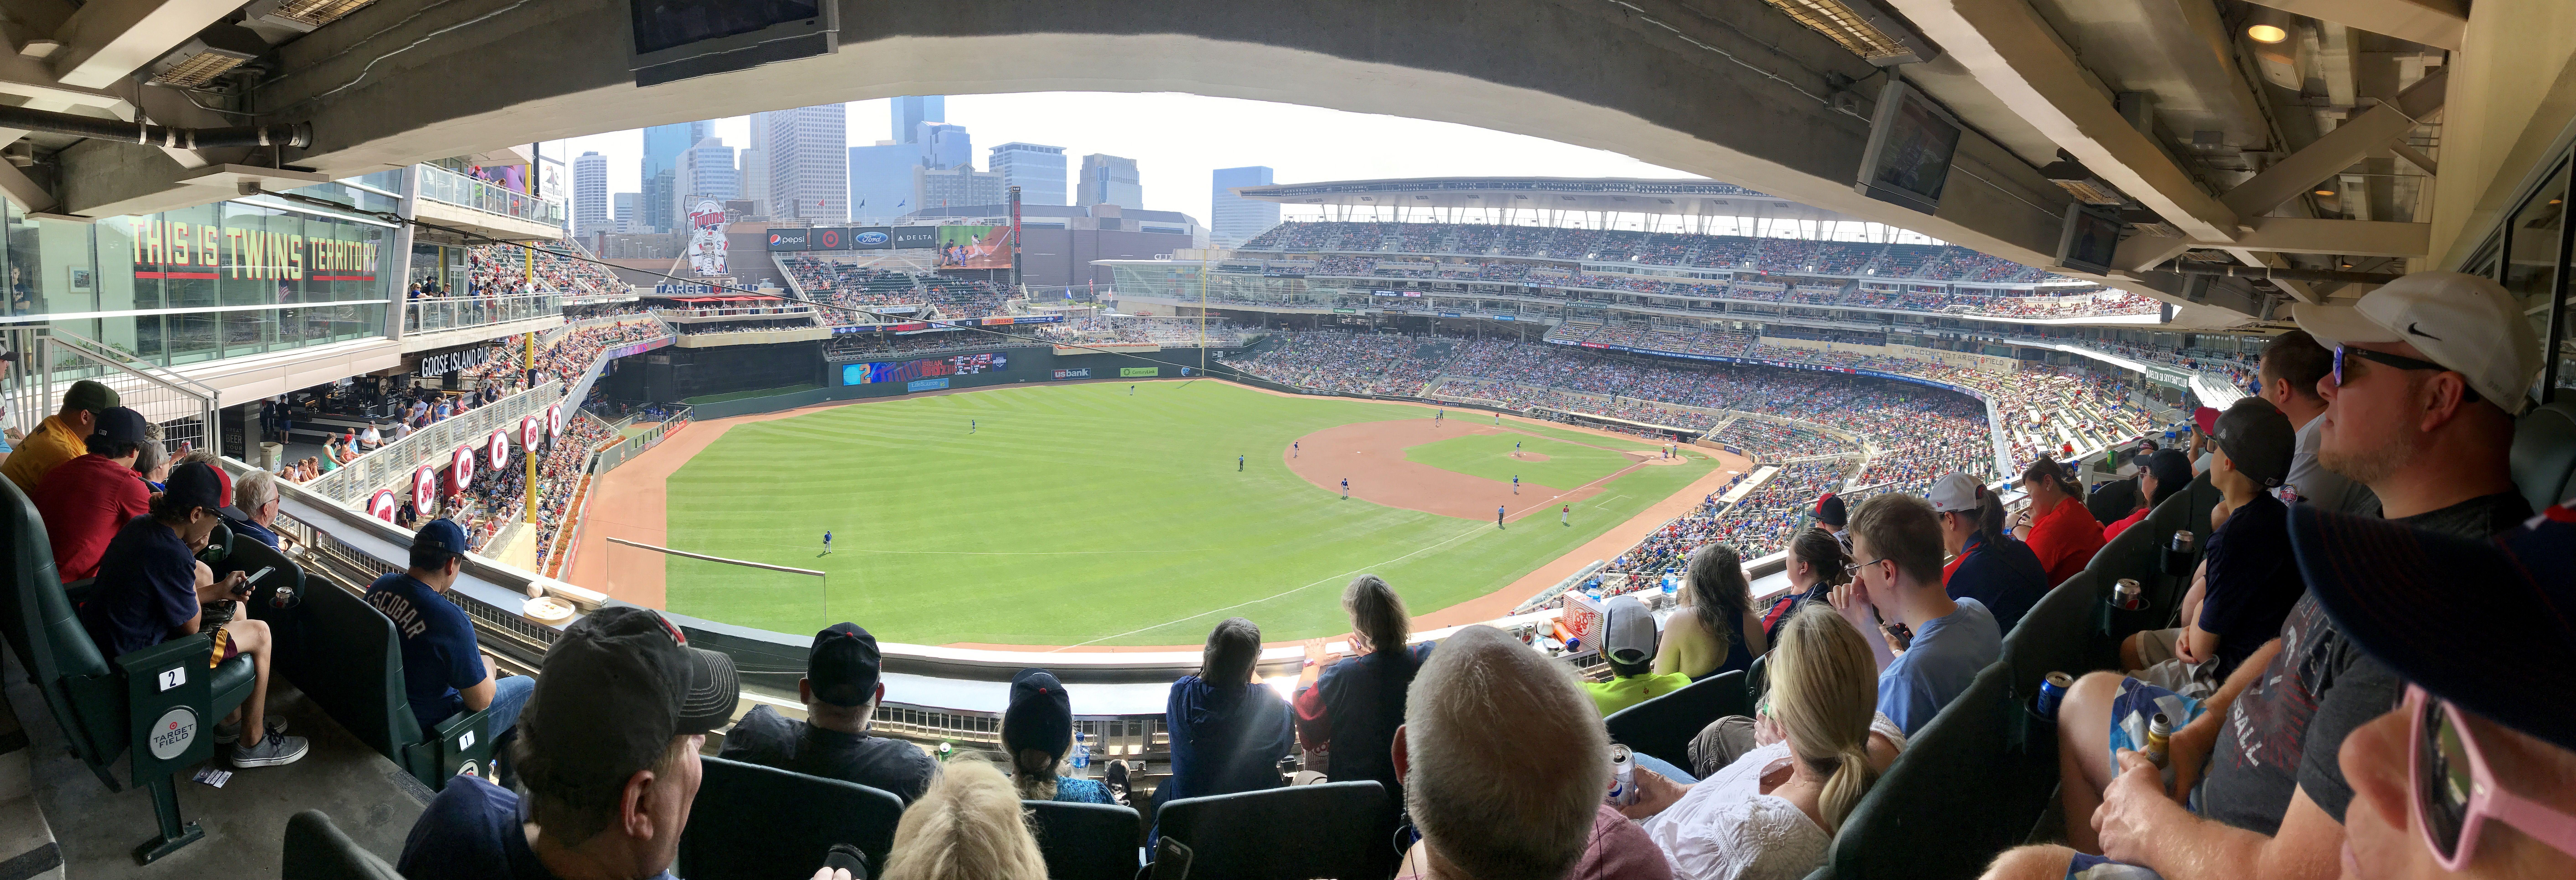 Target Field Target Field Minnesota Twins Minnesota